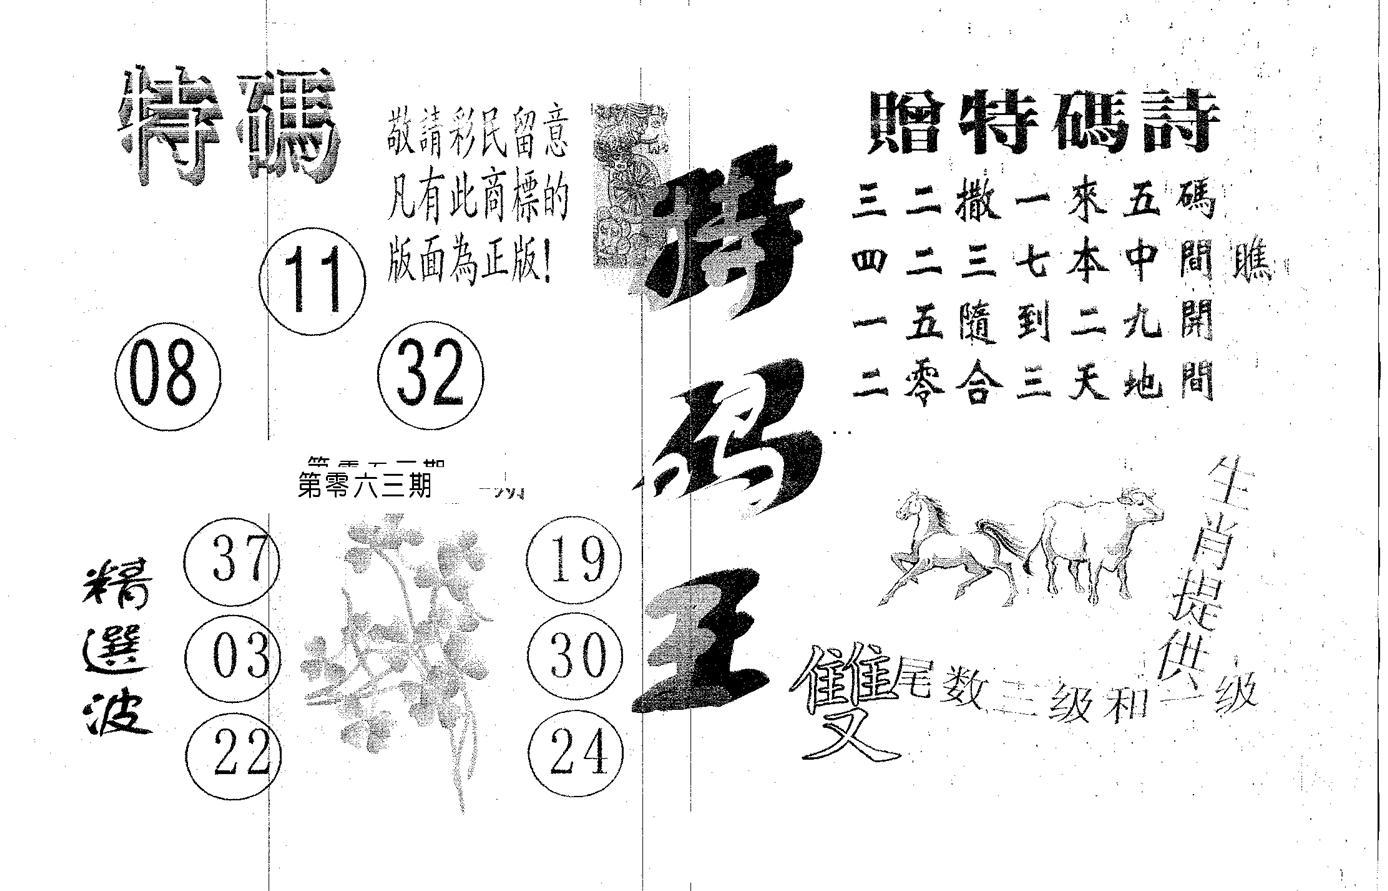 063期特码王A(黑白)